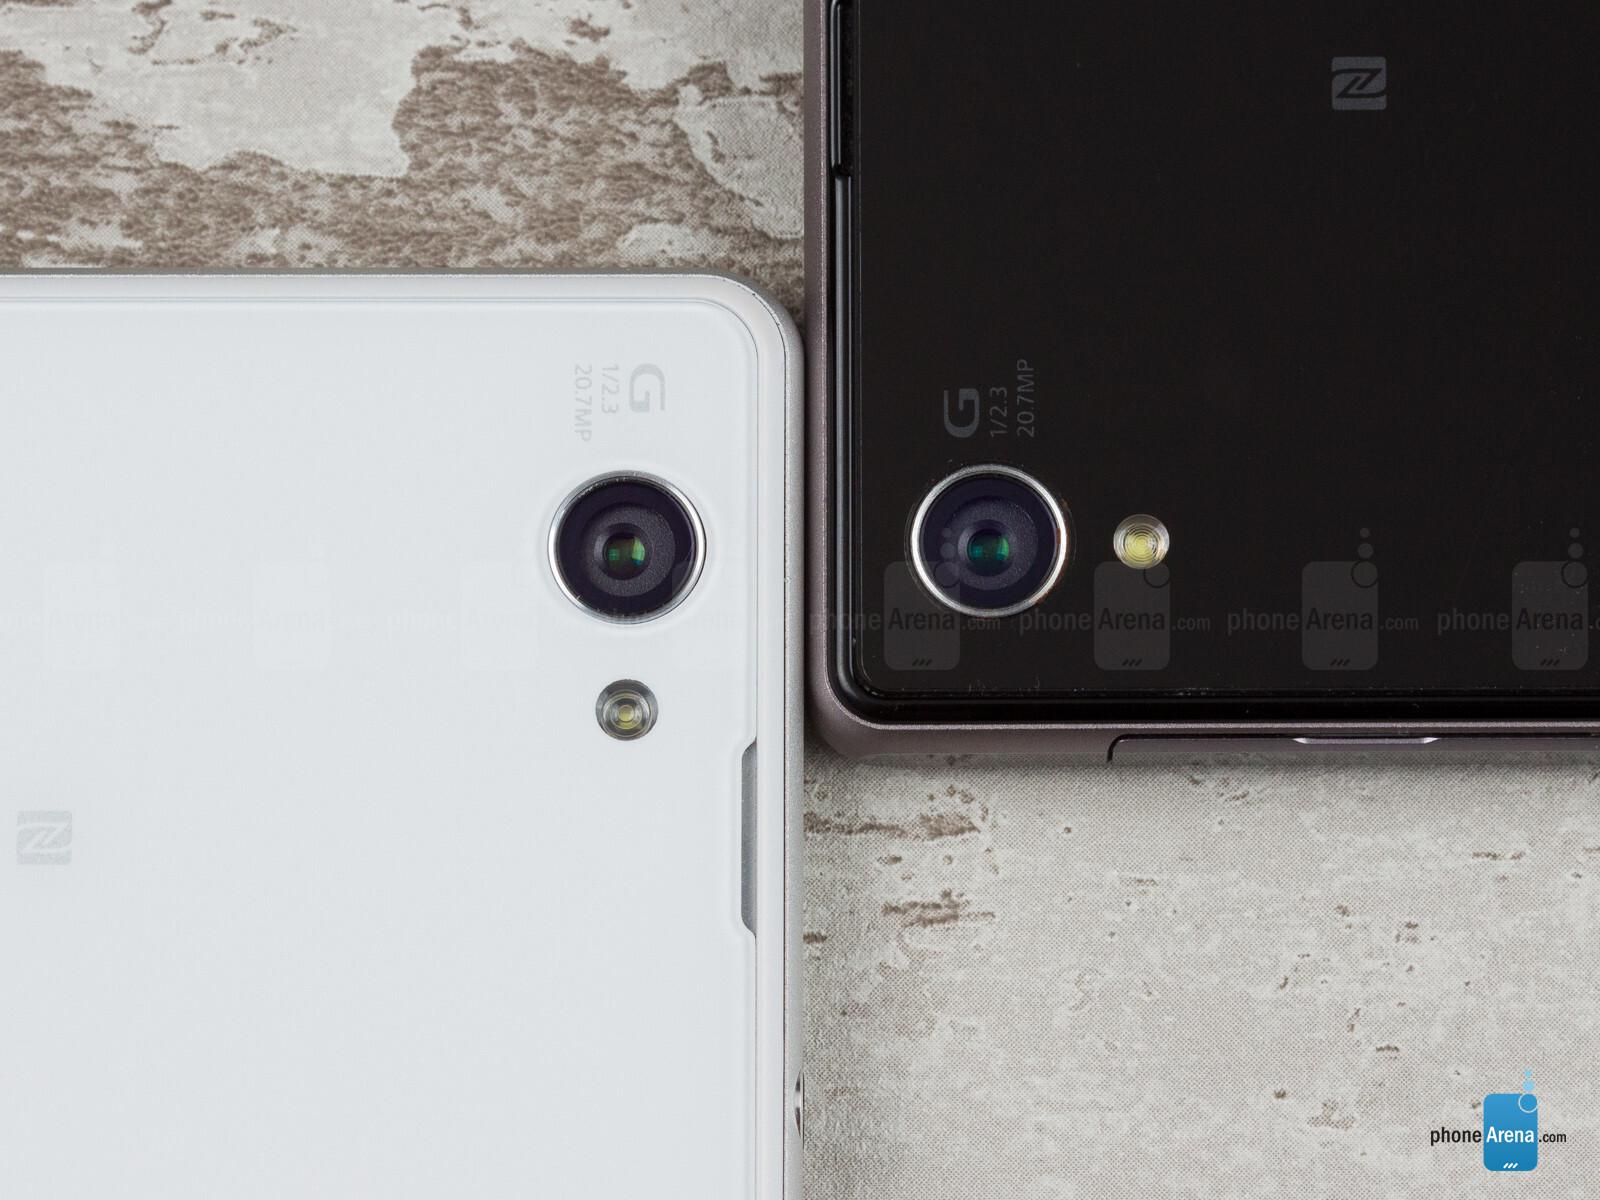 Sony Xperia Z1 Compact vs Sony Xperia Z1 - PhoneArena